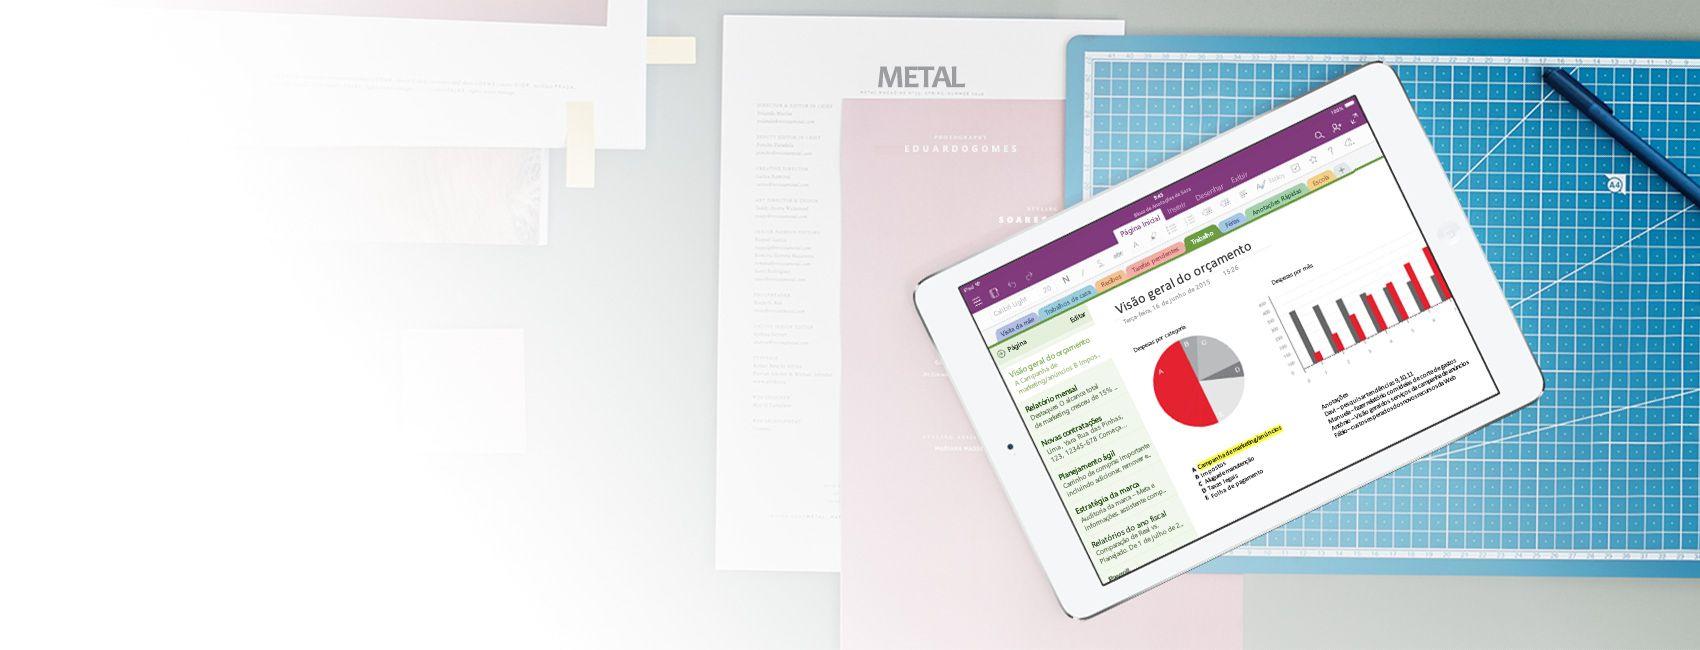 iPad exibindo um bloco de anotações do OneNote com gráficos da visão geral de um orçamento